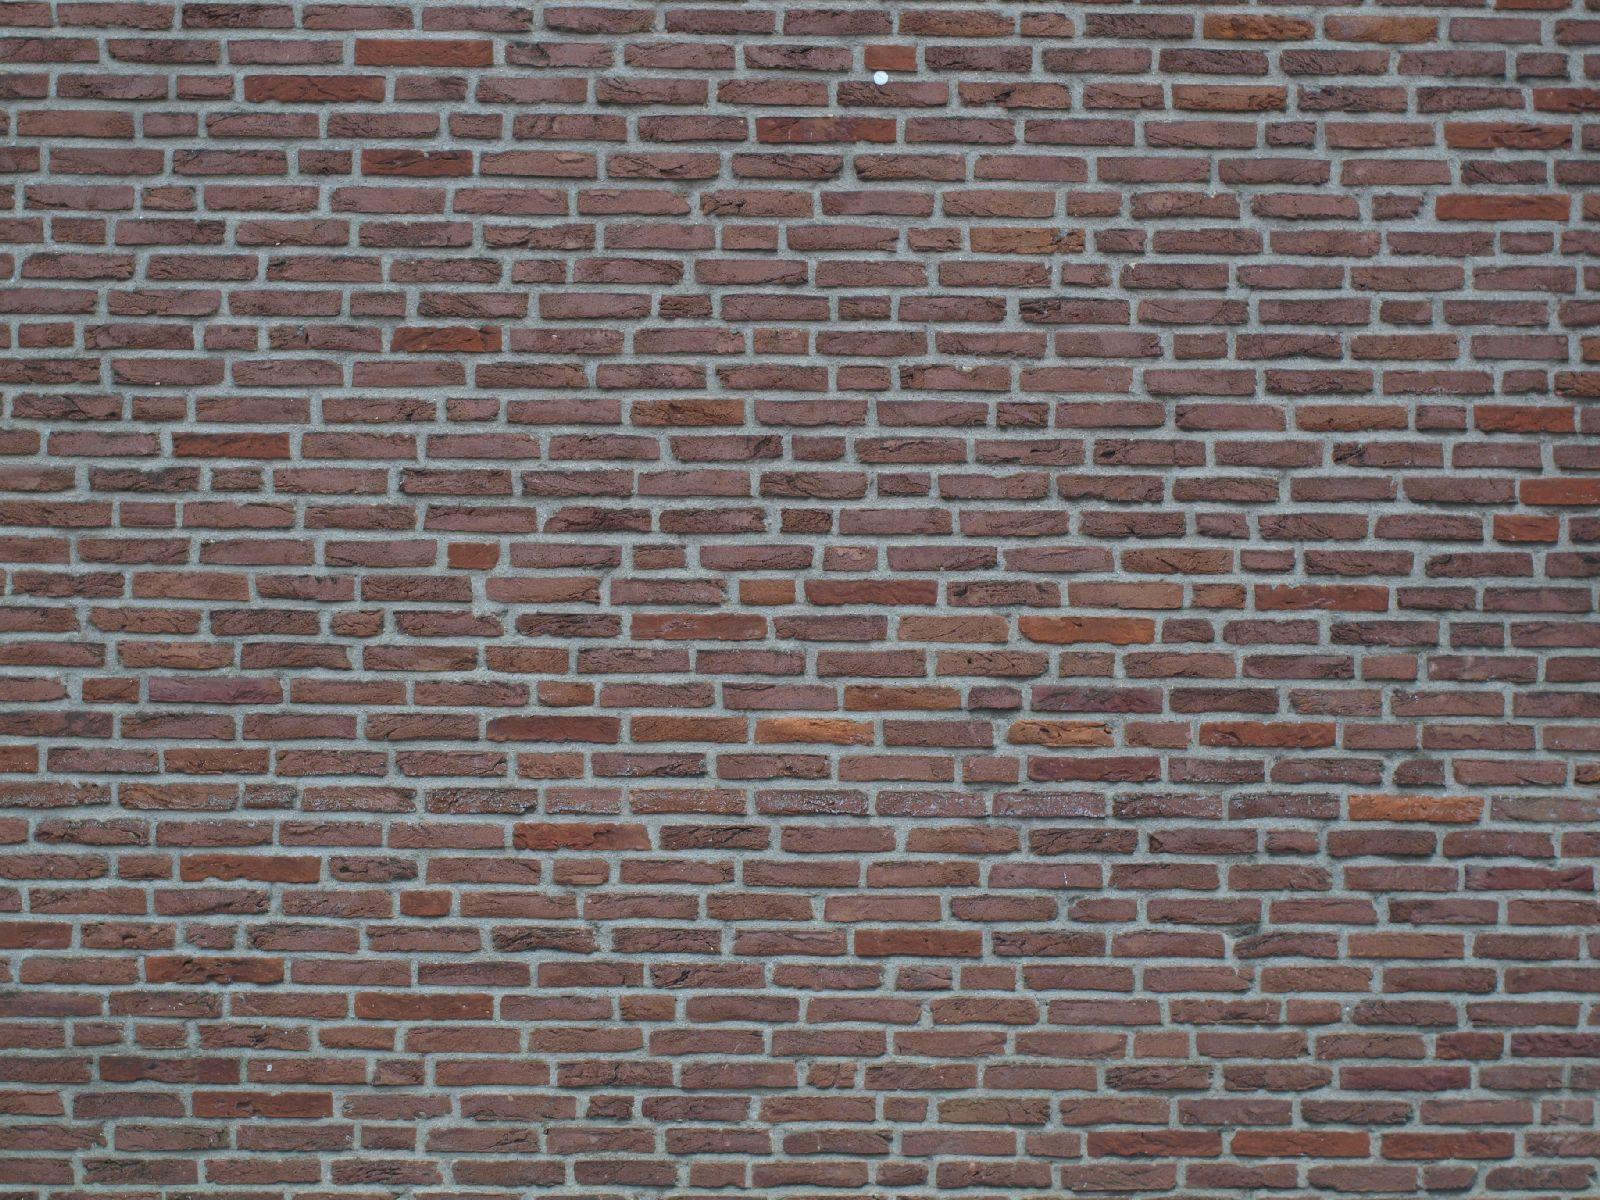 Brick_Texture_A_P1179353